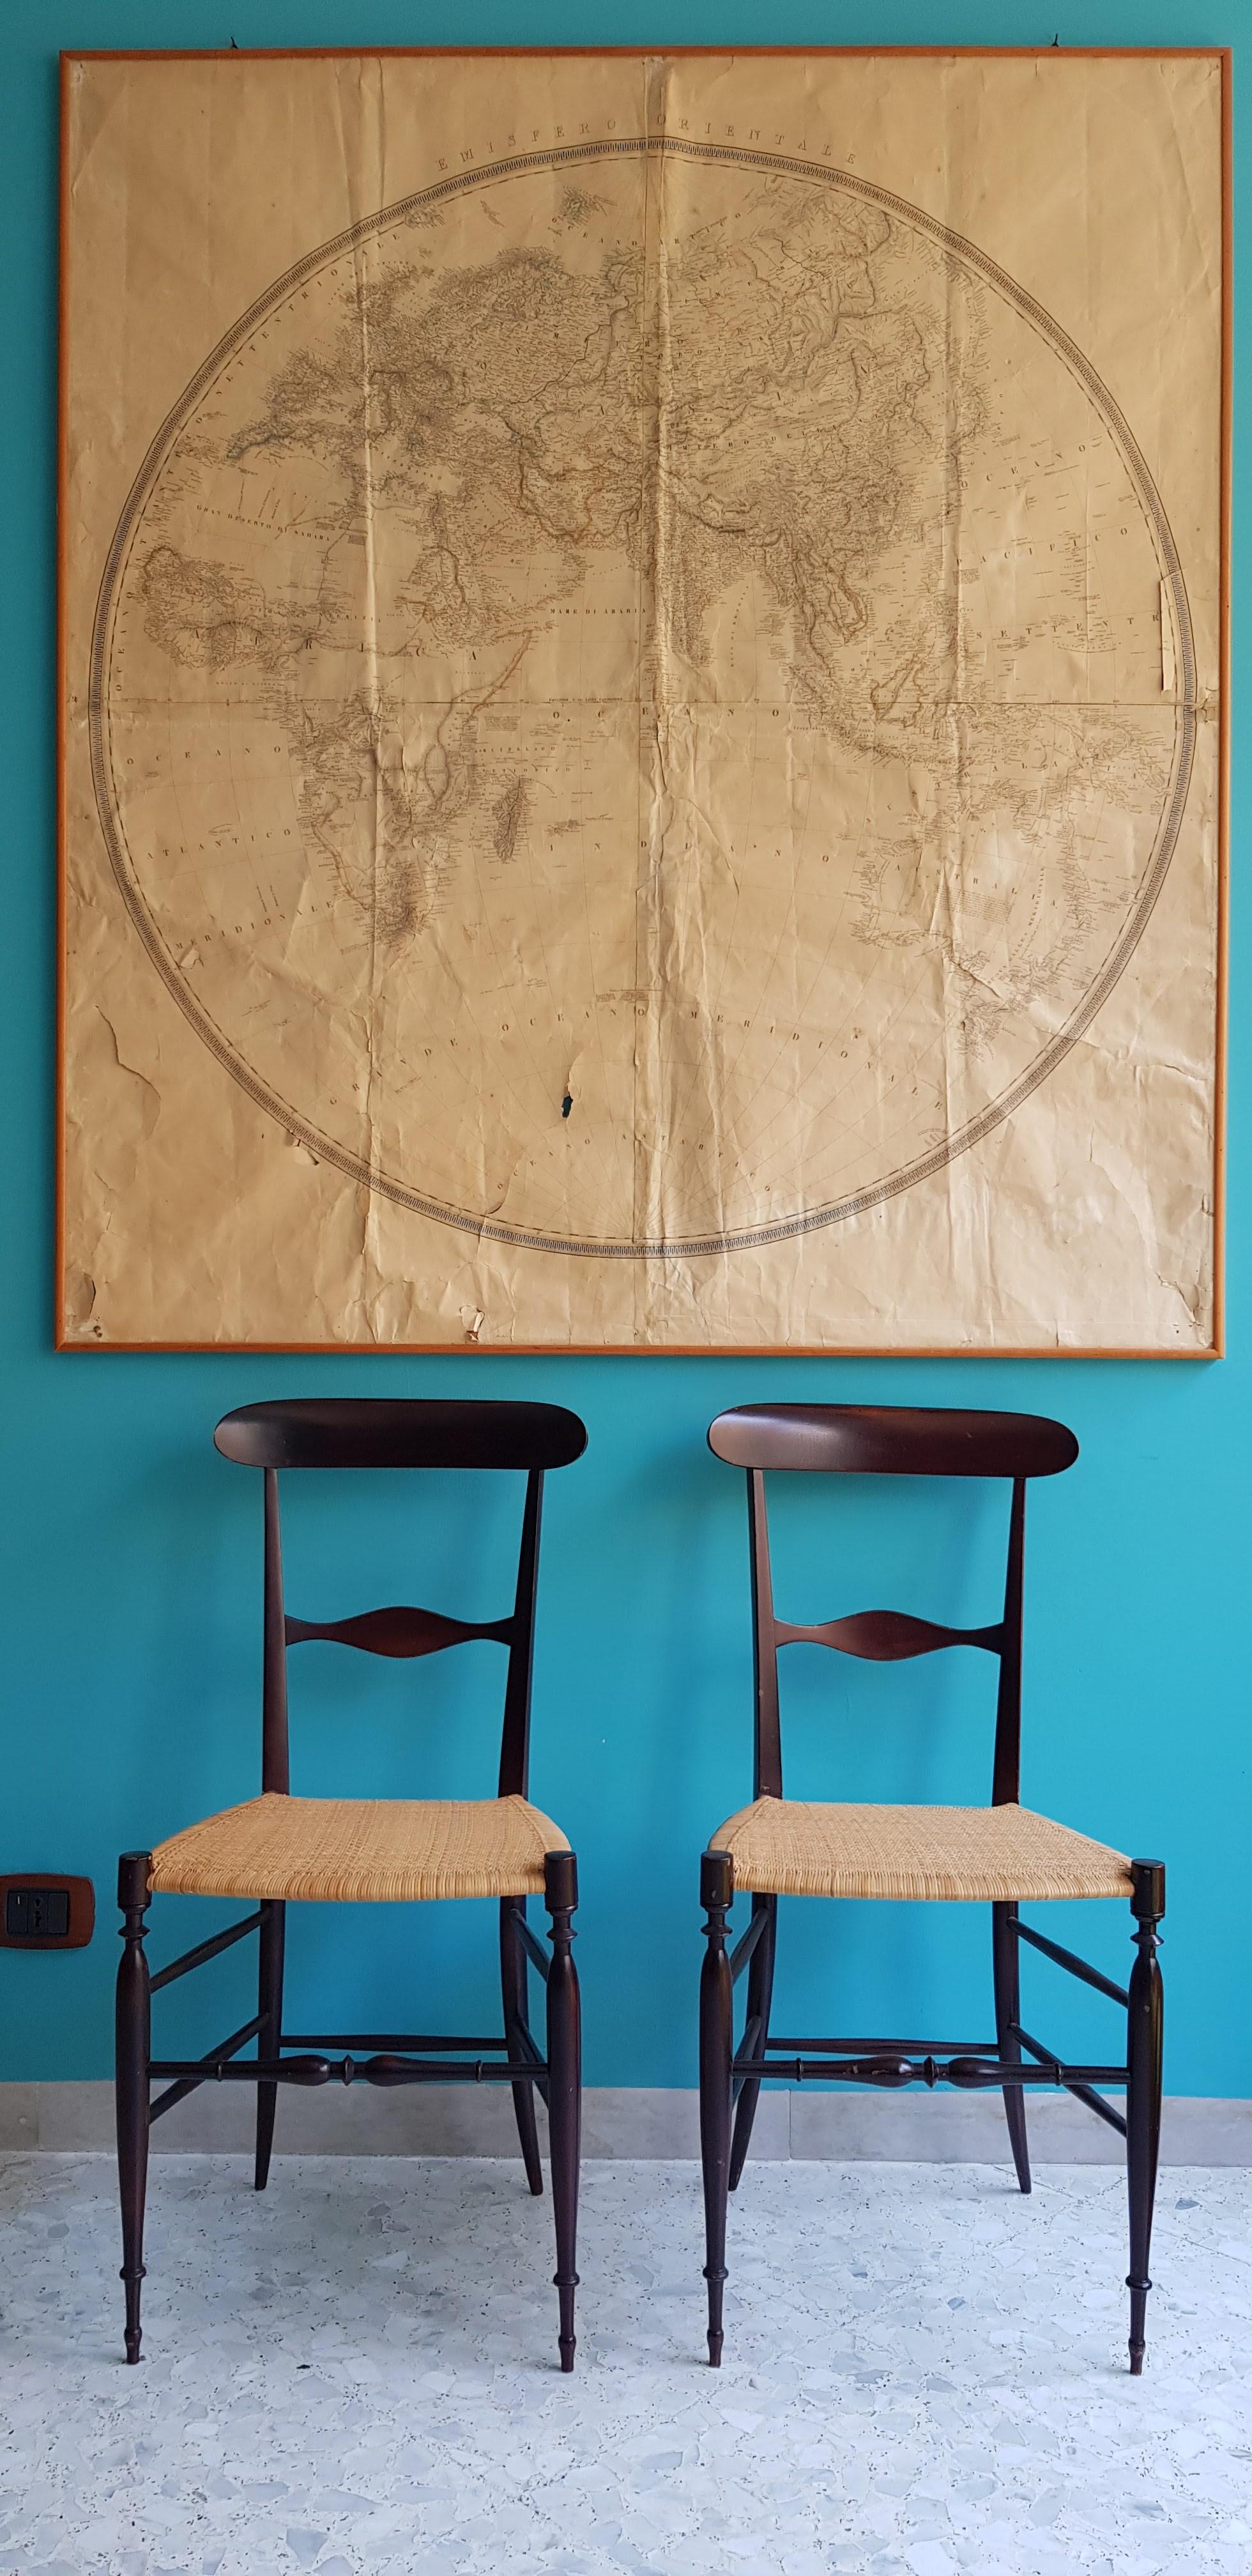 Una mappa per viaggiare seduti su una sedia icona del saper fare italico Chiavari 1956